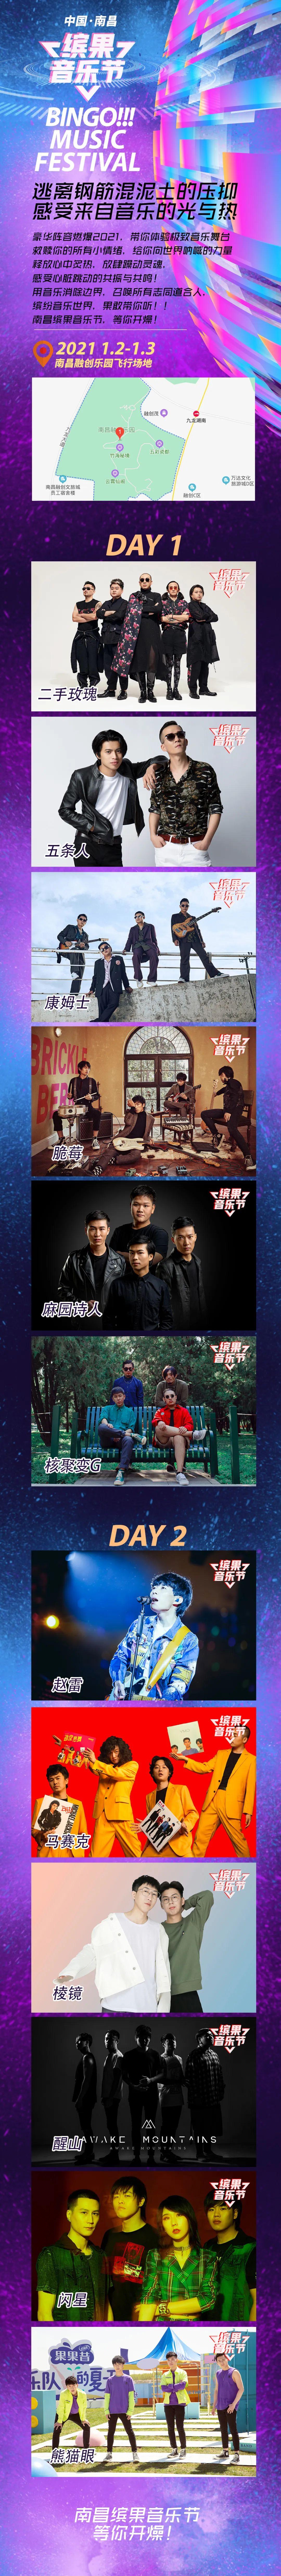 2021缤果音乐节-南昌站